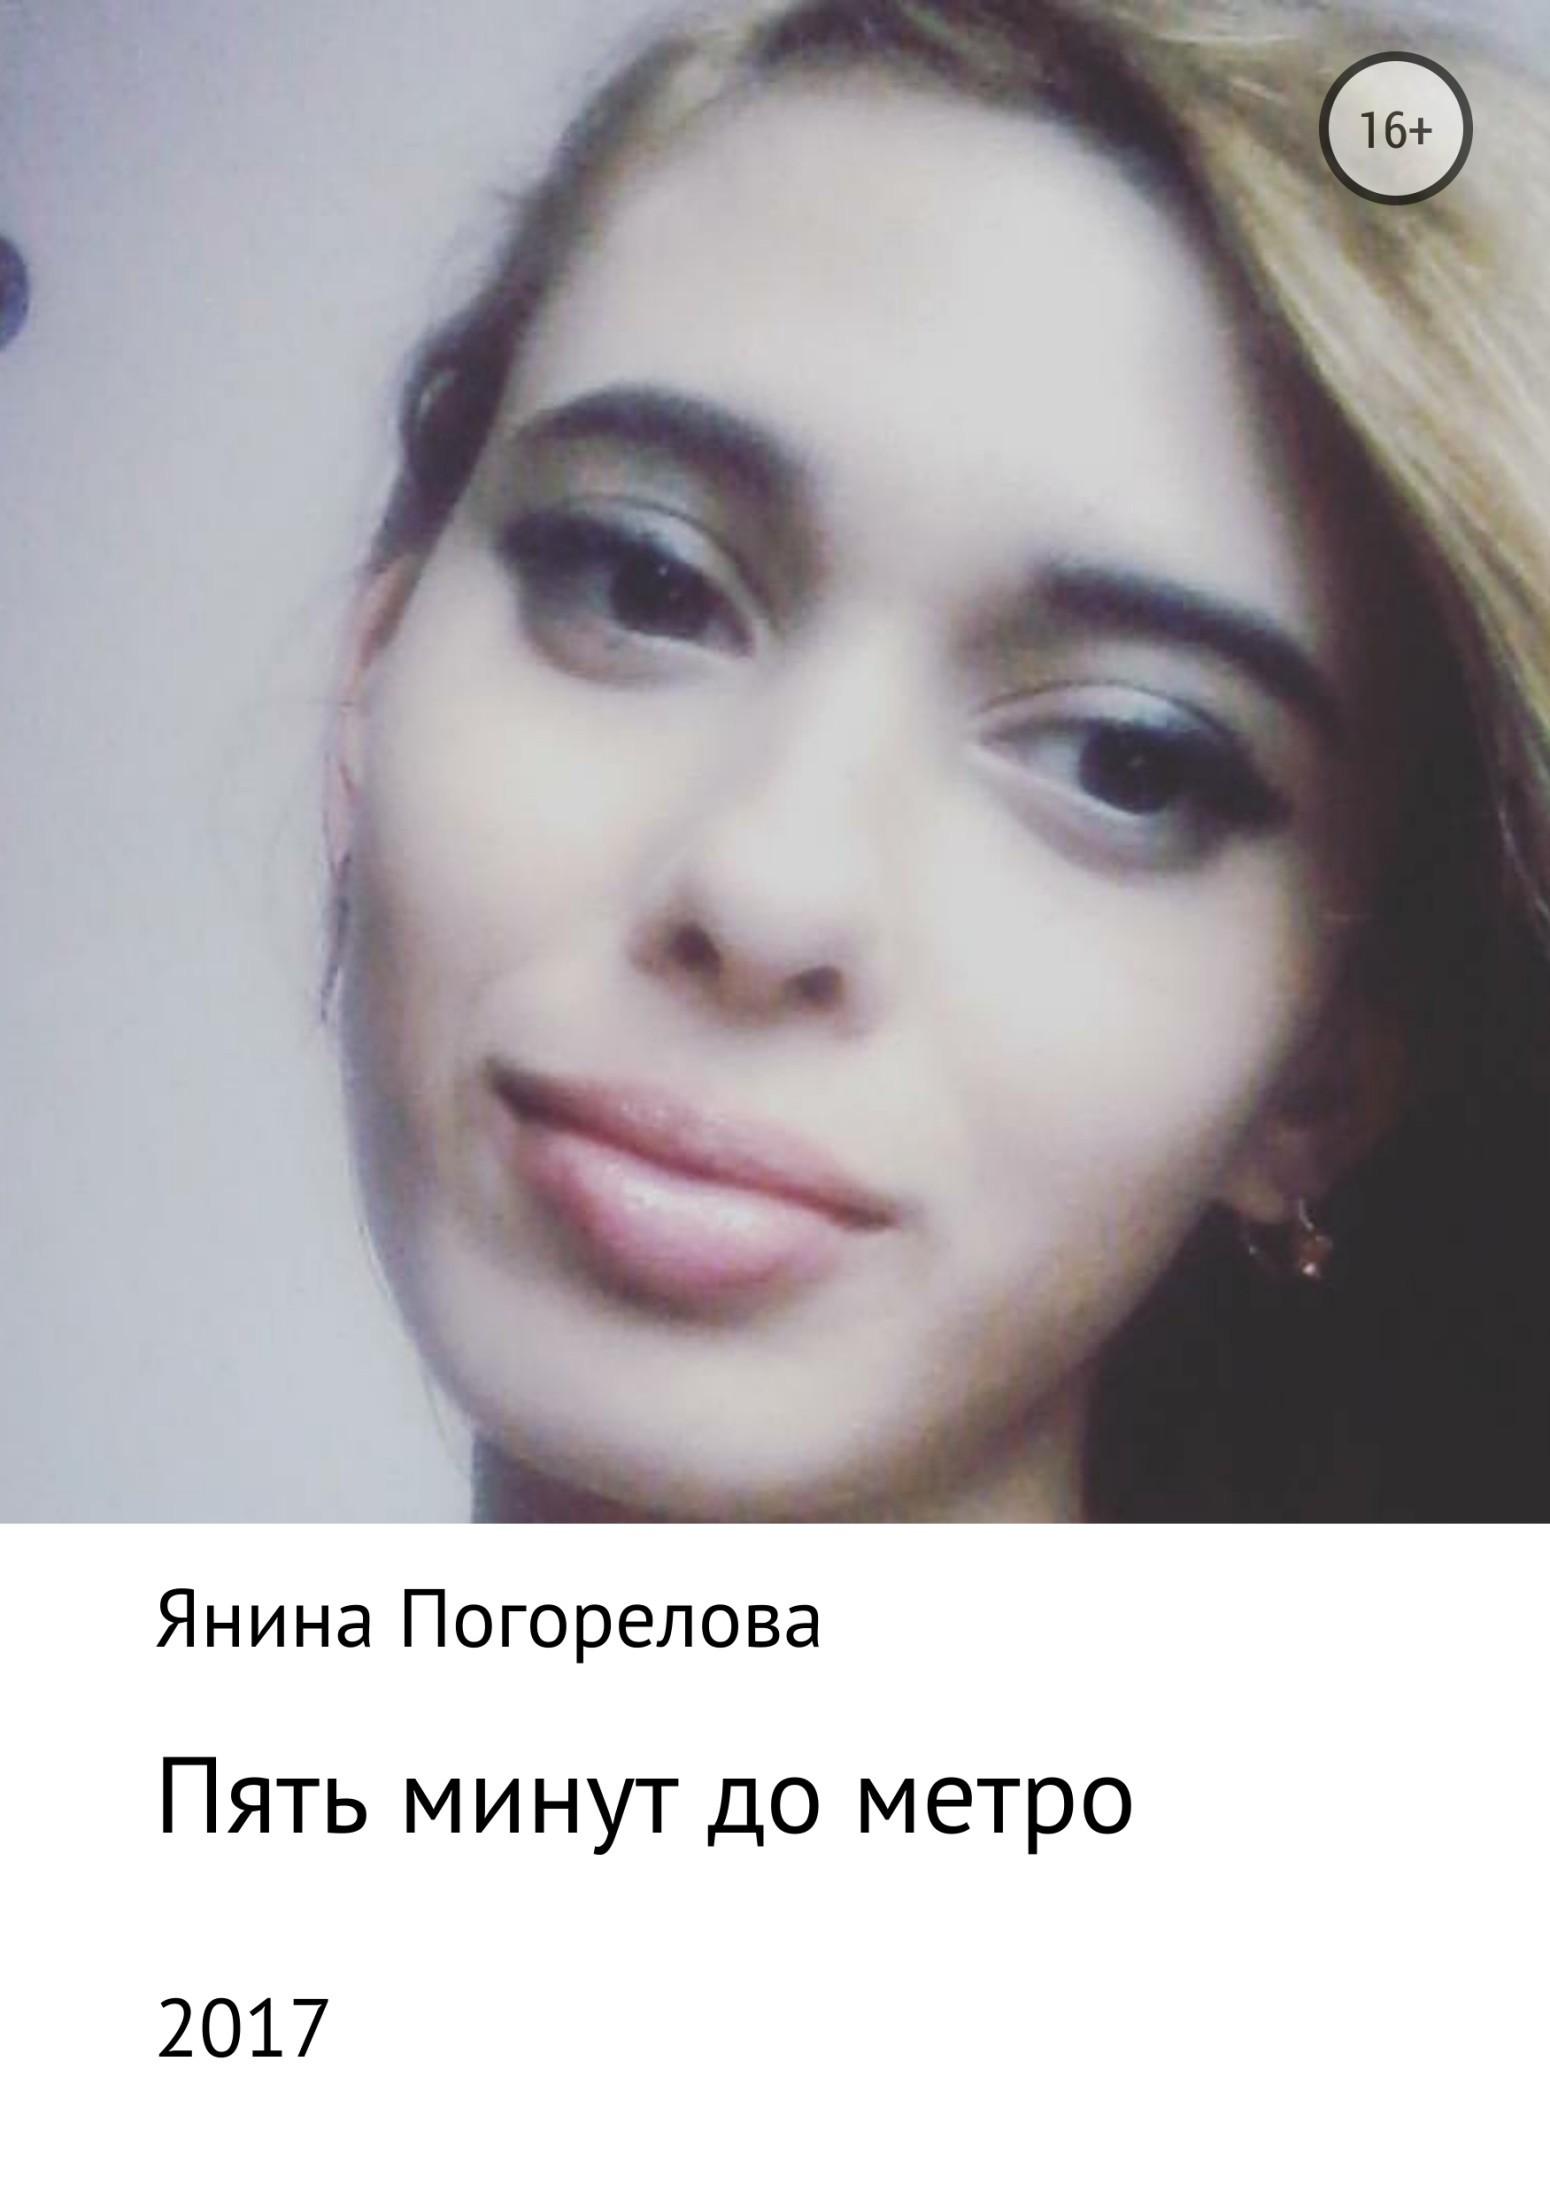 Янина Сергеевна Погорелова Пять минут до метро